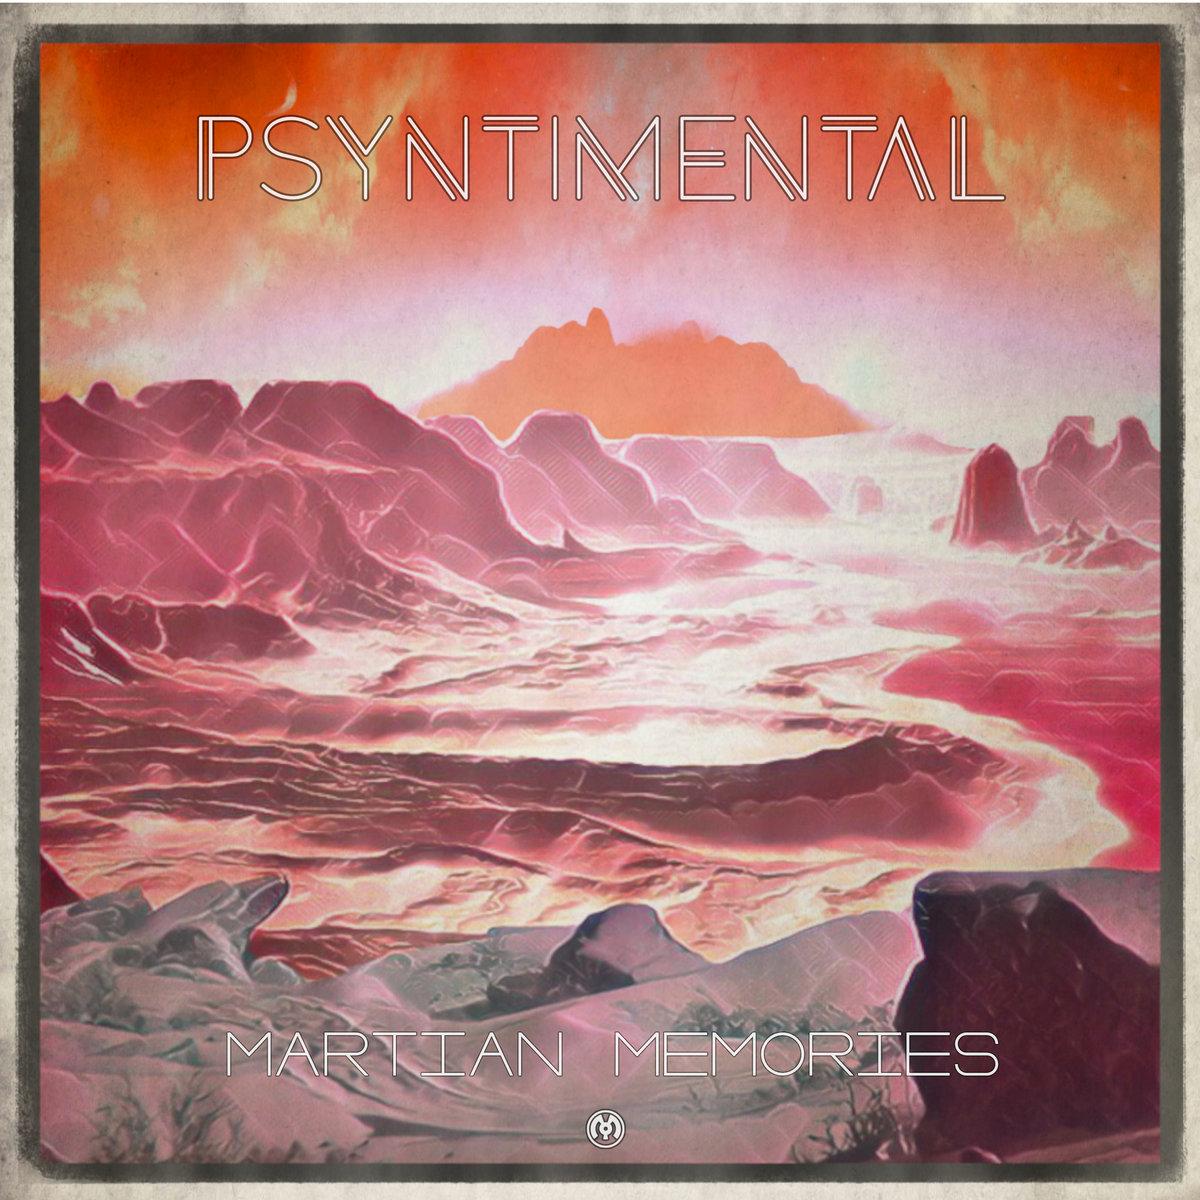 Martian Memories Artwork